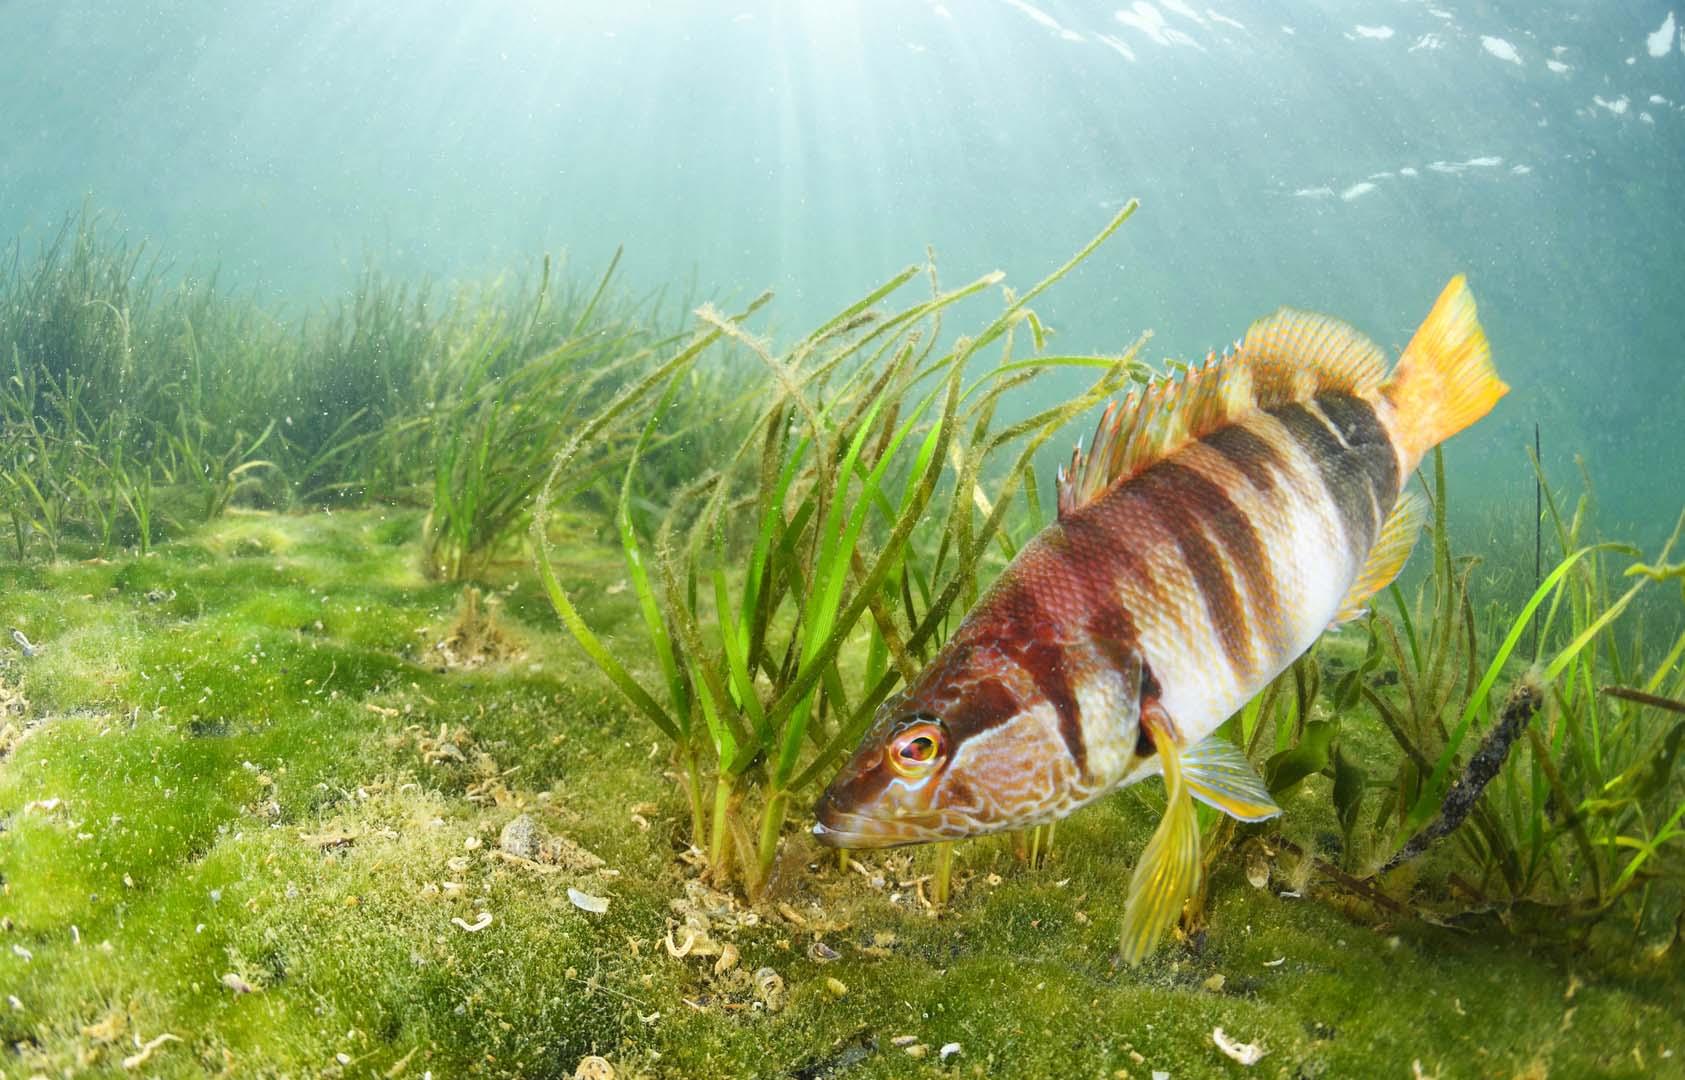 Básicamente son peces litorales y propios de mares tropicales y templados del planeta.